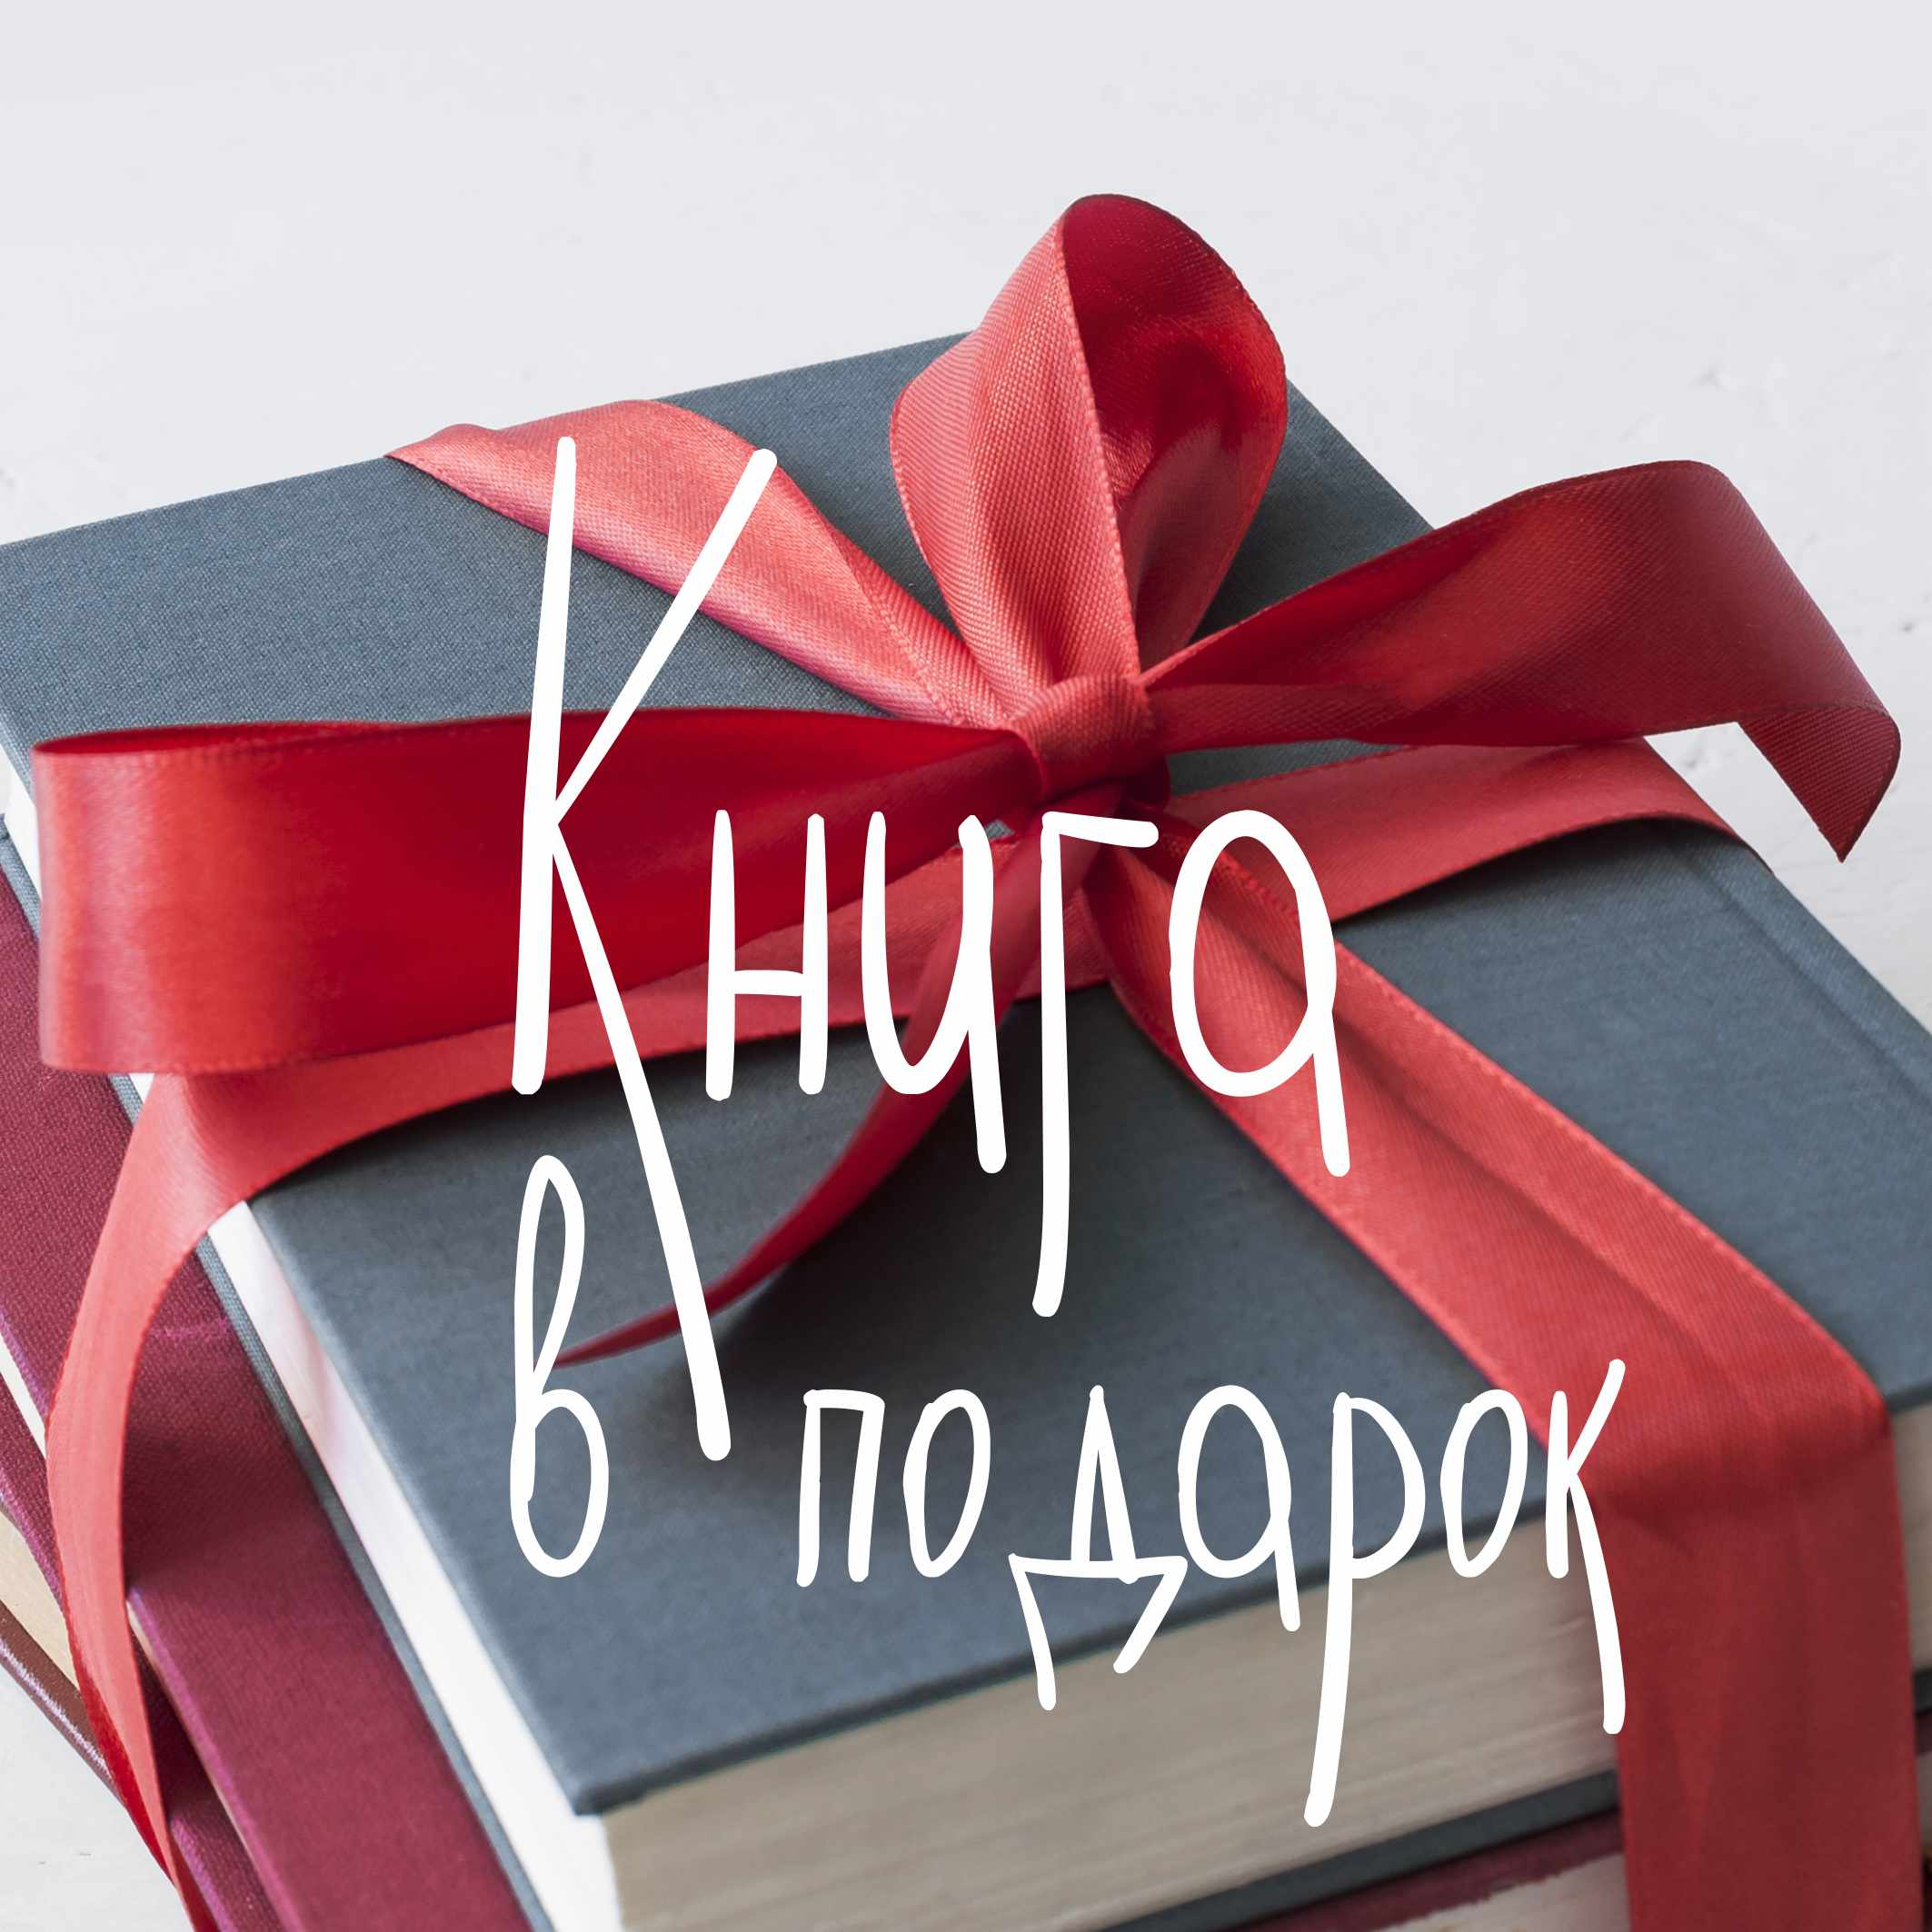 Книга в подарок может стать оригинальной